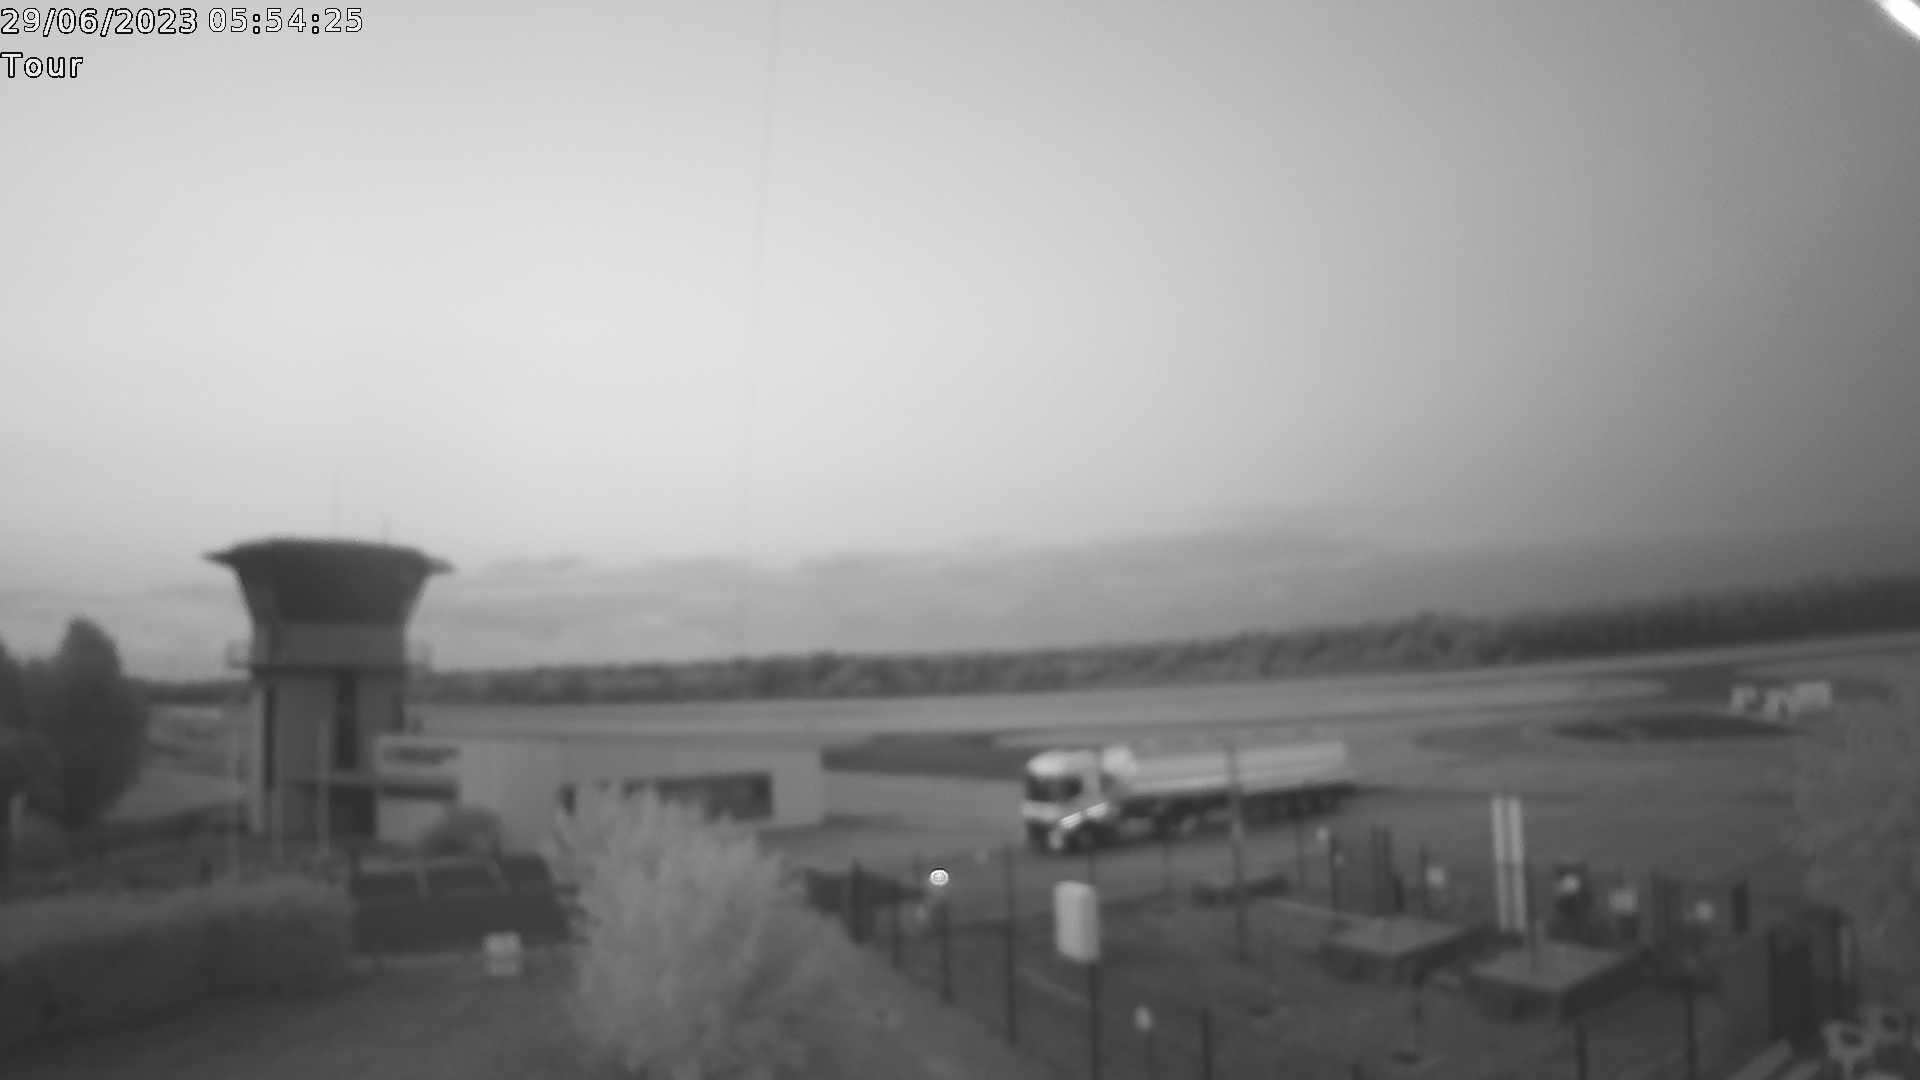 La Teste-de-Buch (Aérodrome d'Arcachon)